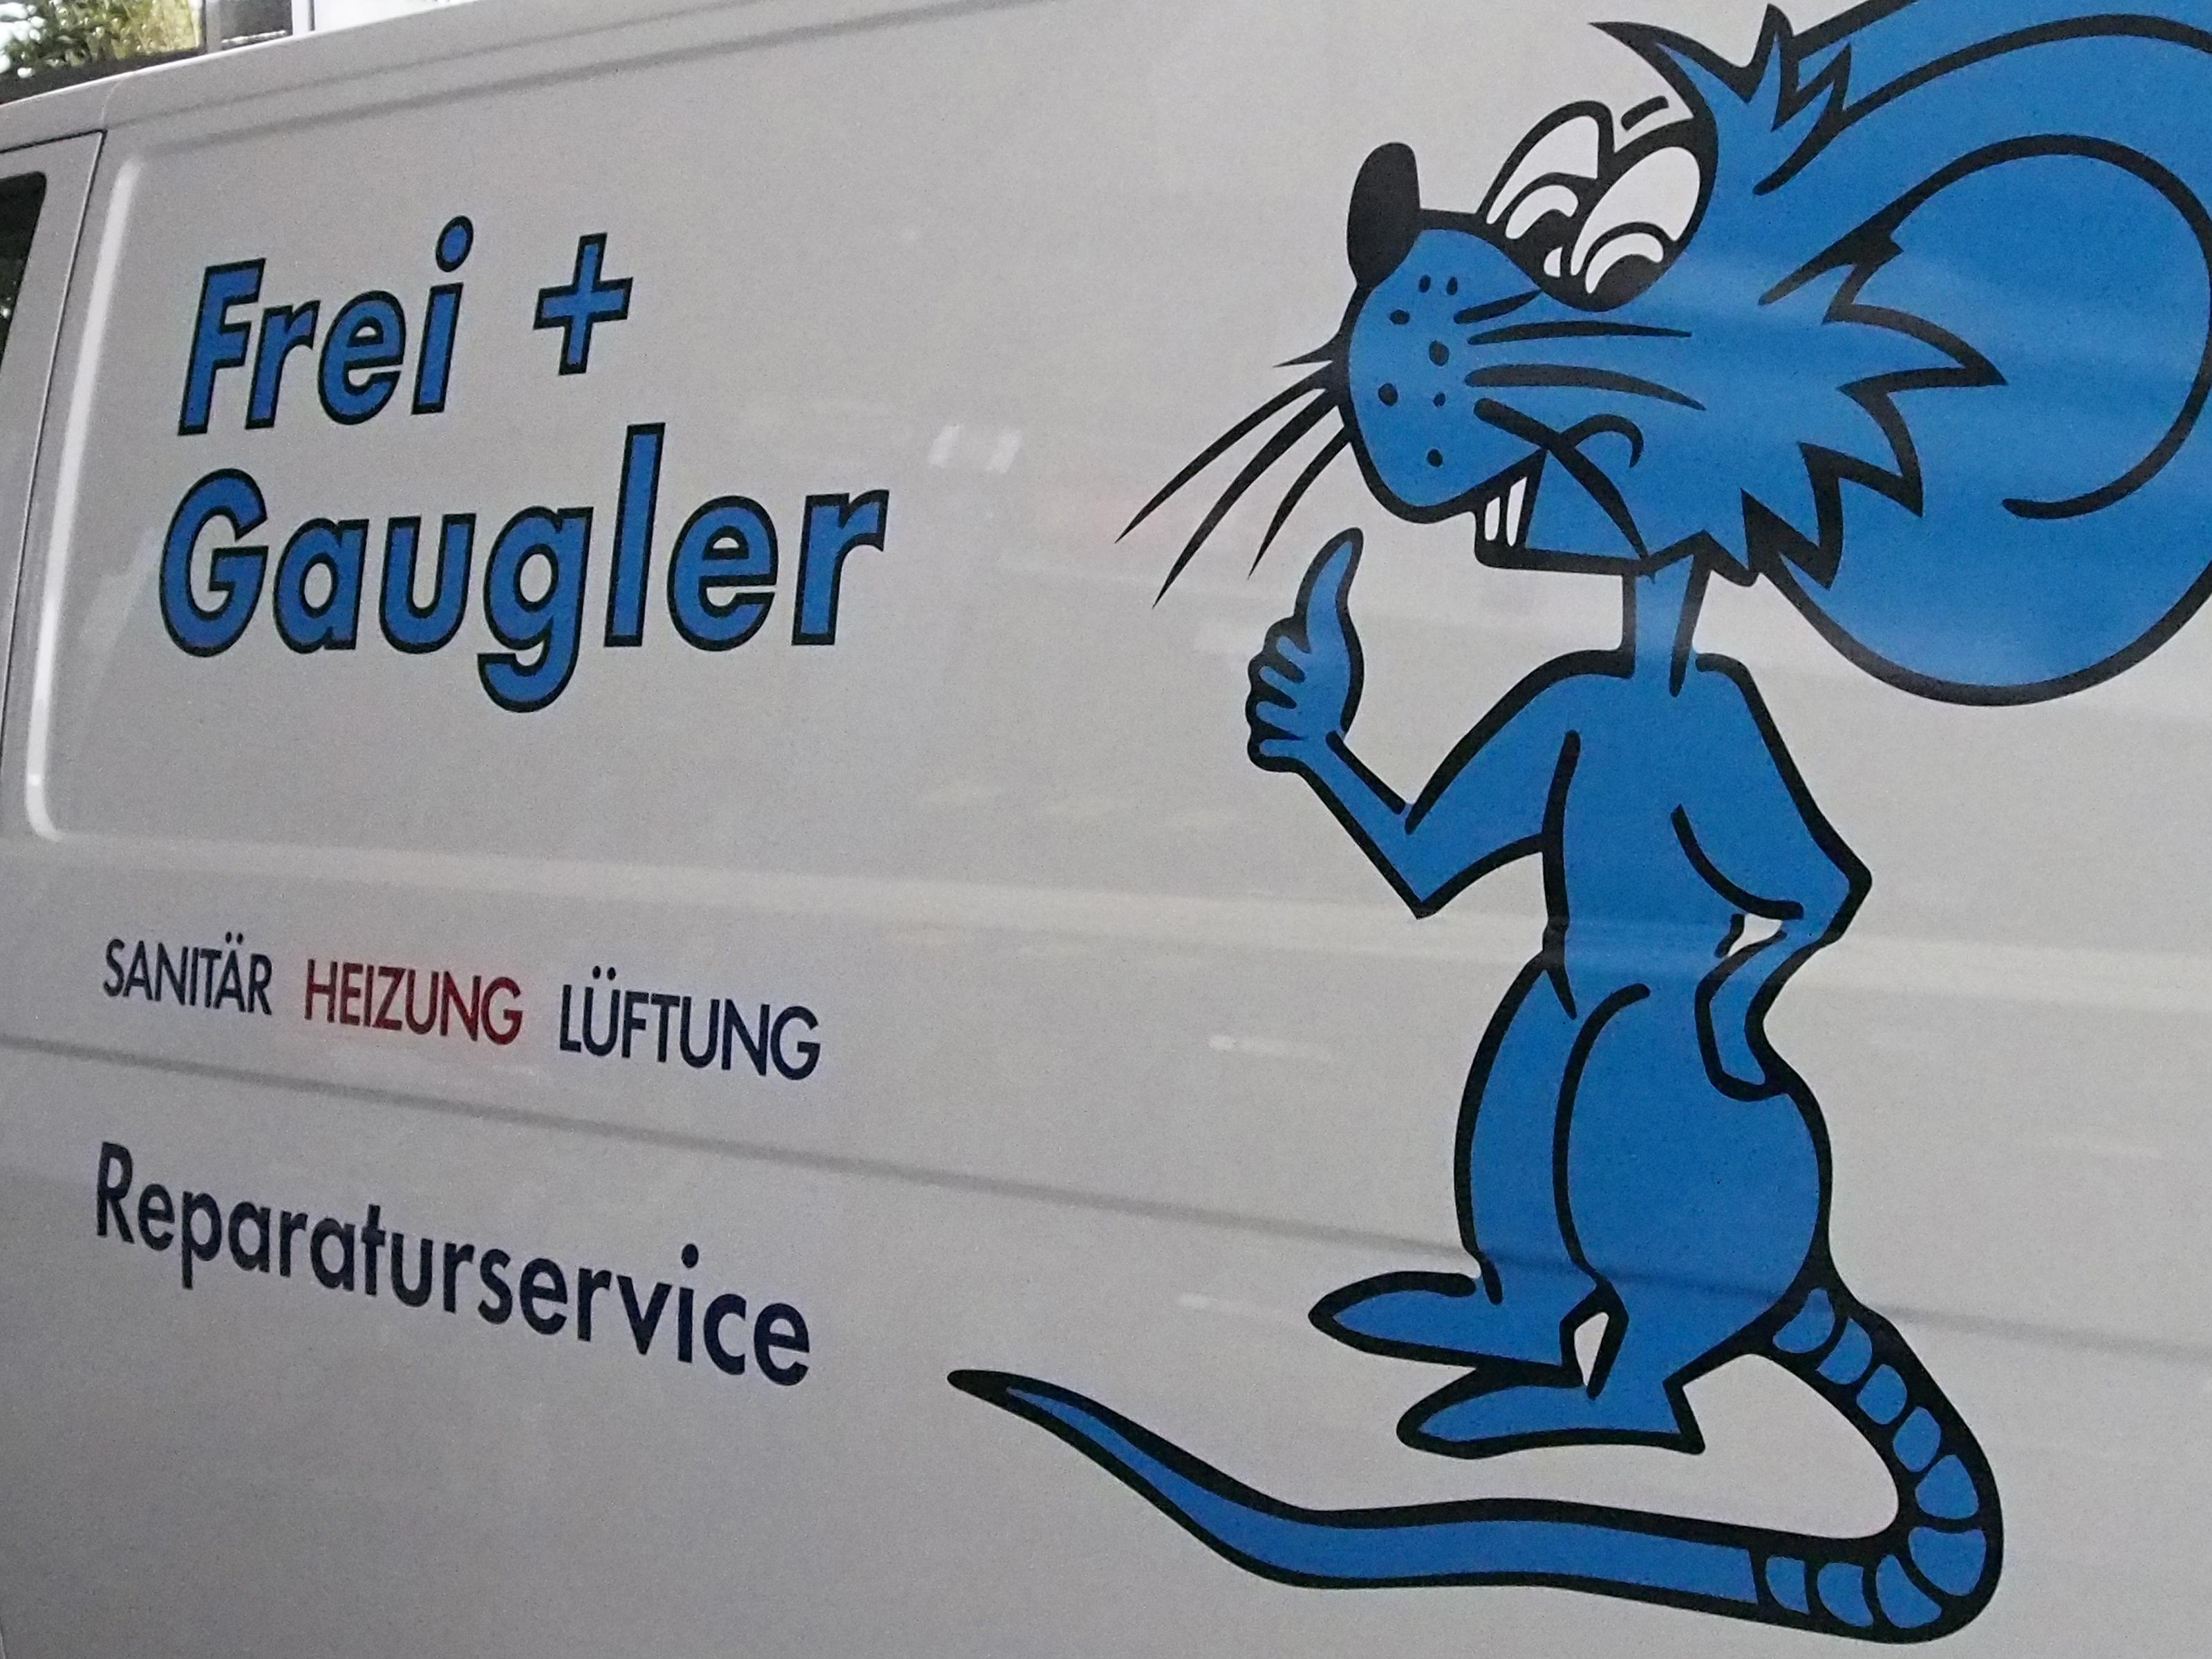 Frei + Gaugler